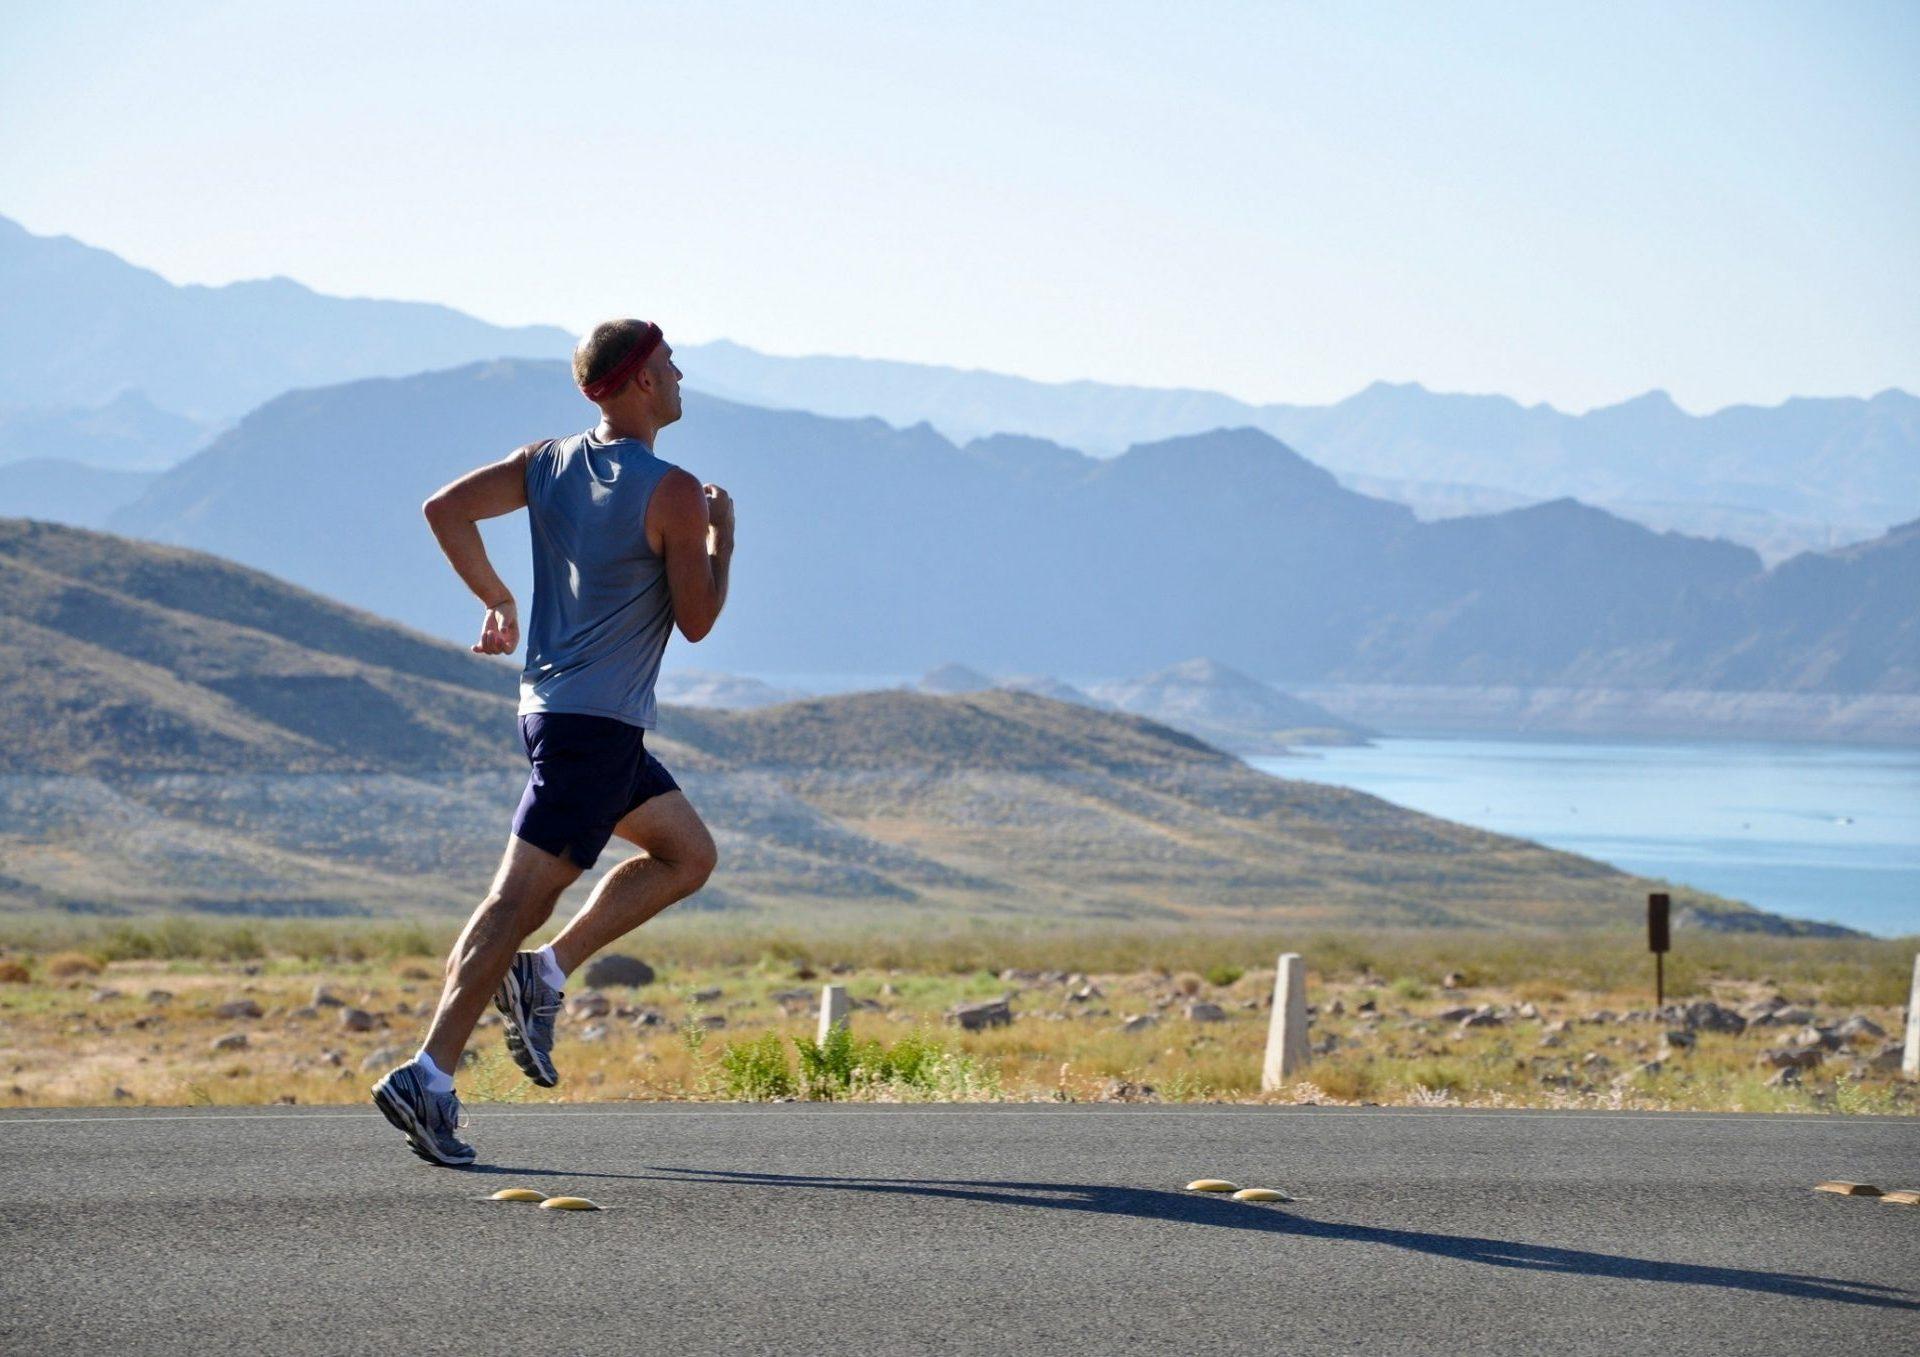 Běžec běžící po silnici, v pozadí je jezero a hornatý terén